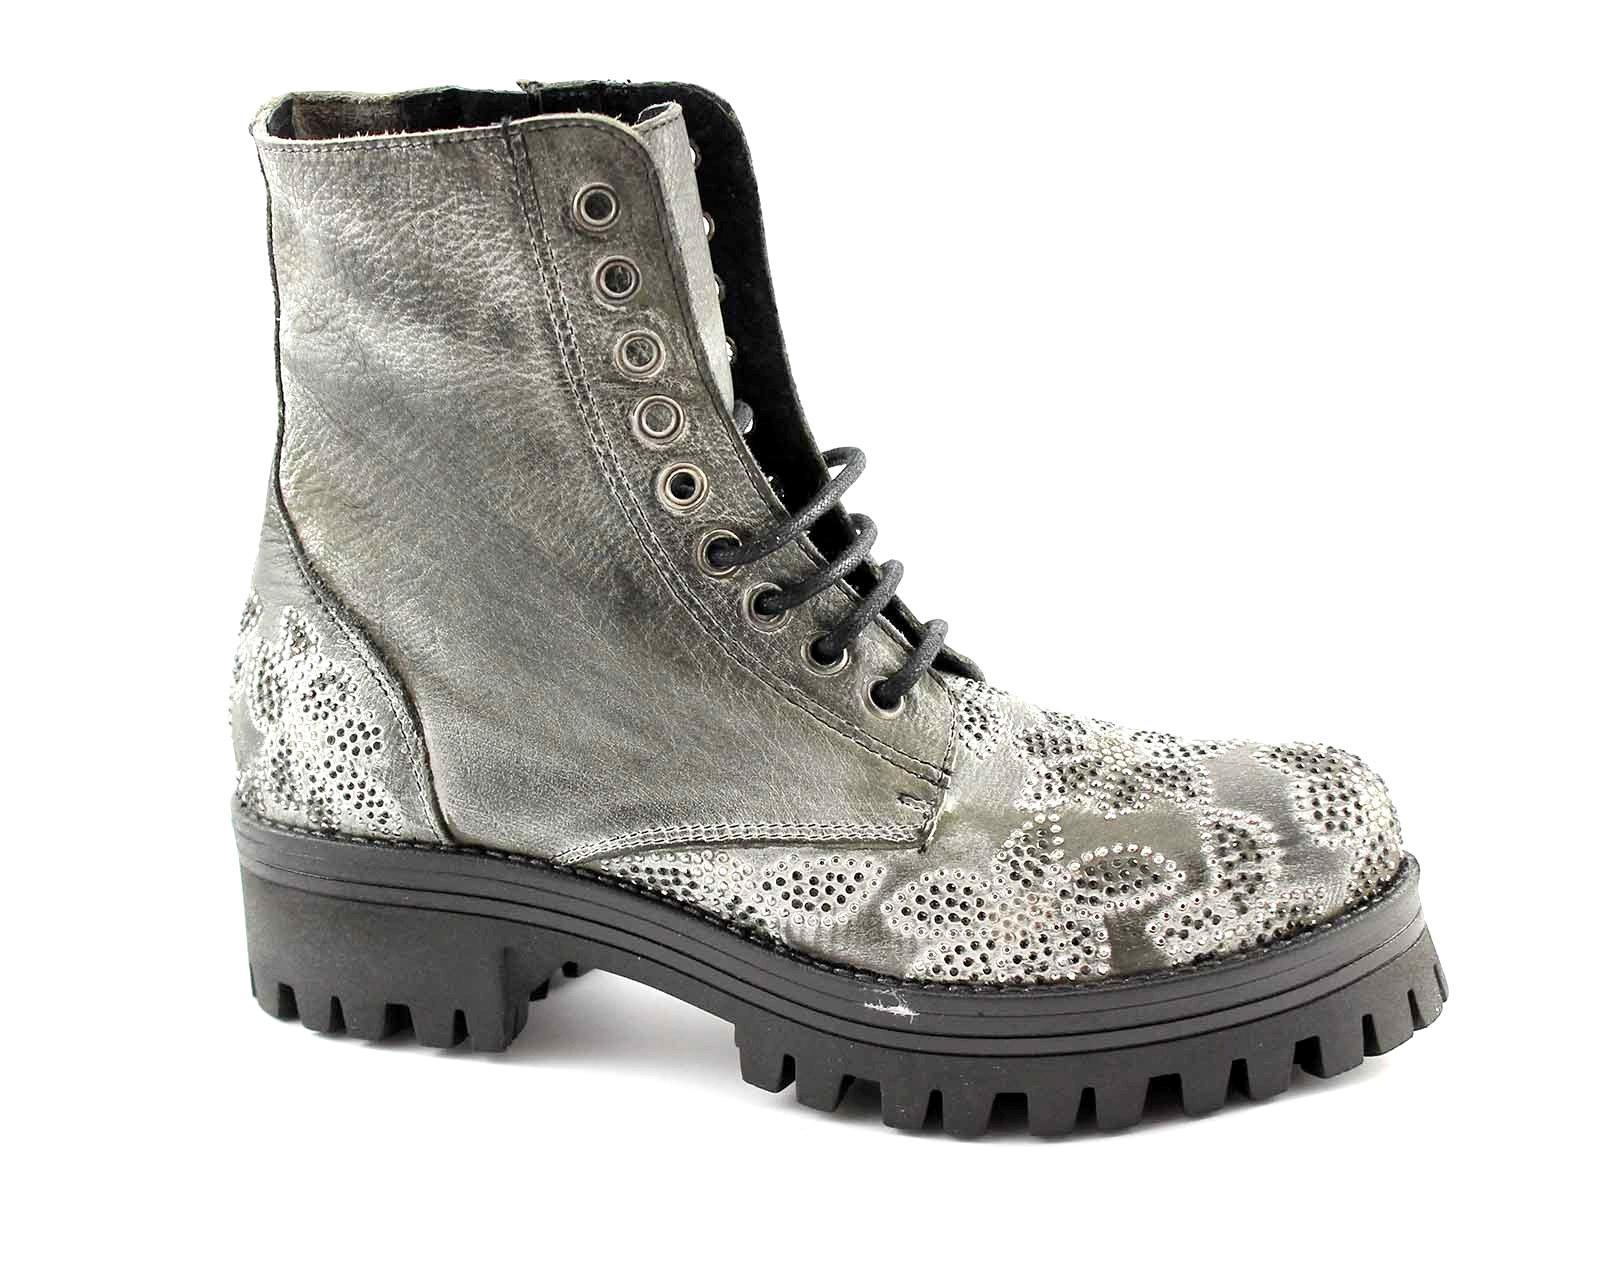 CAFè scarpe scarponcini donna brillantini GF134 grigio NOIR anfibio pSzMqUV